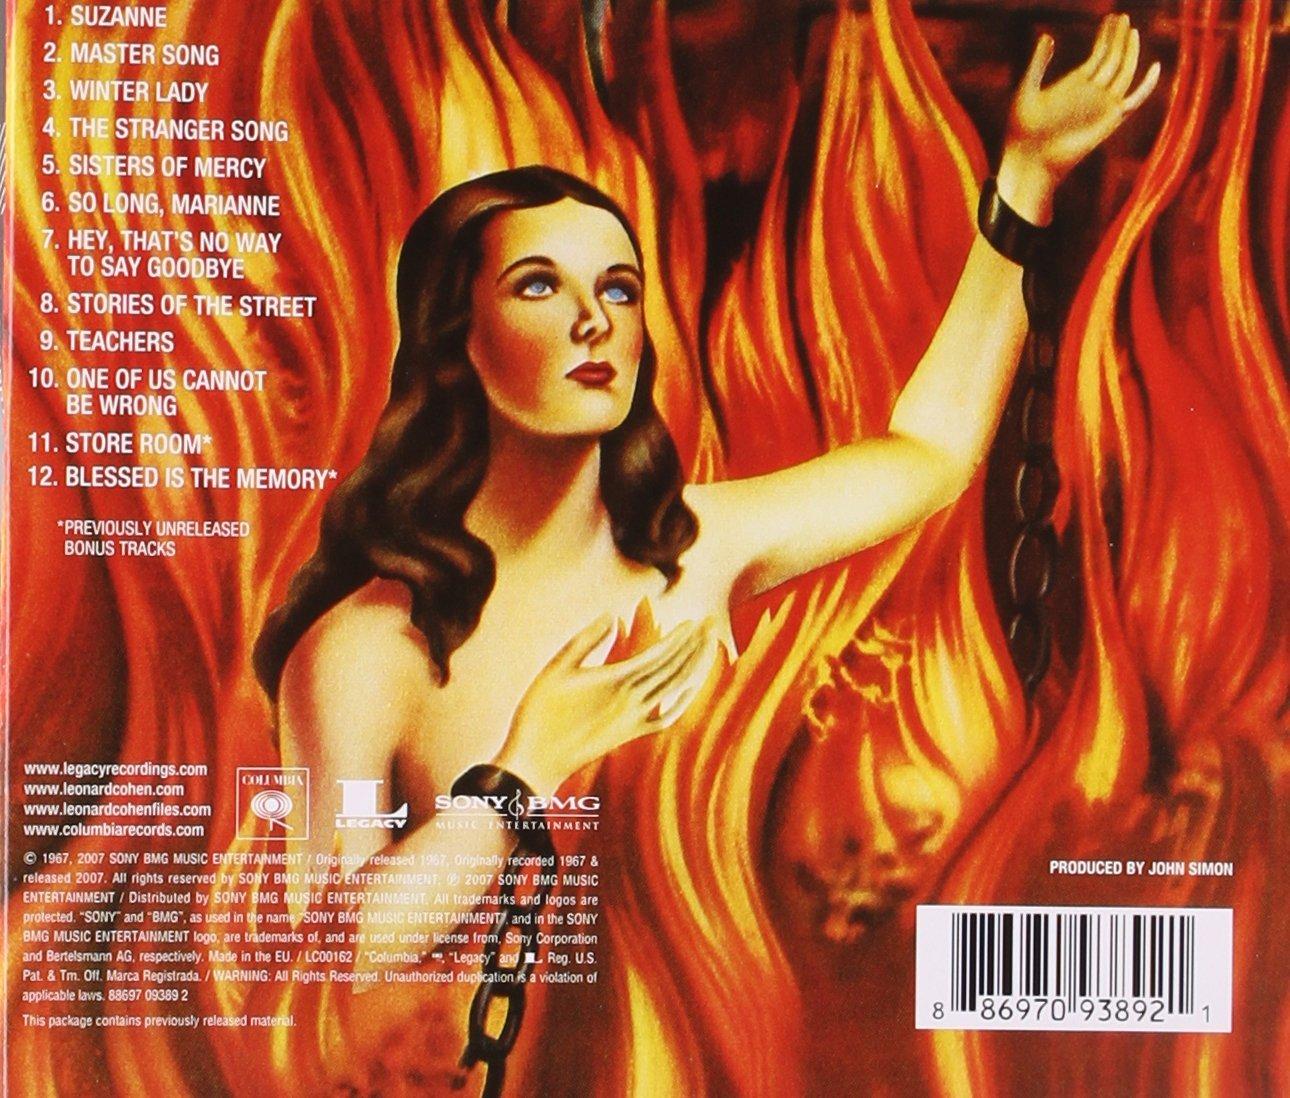 leonard-cohen-the-songs-of-leonard-cohen-retro-cd